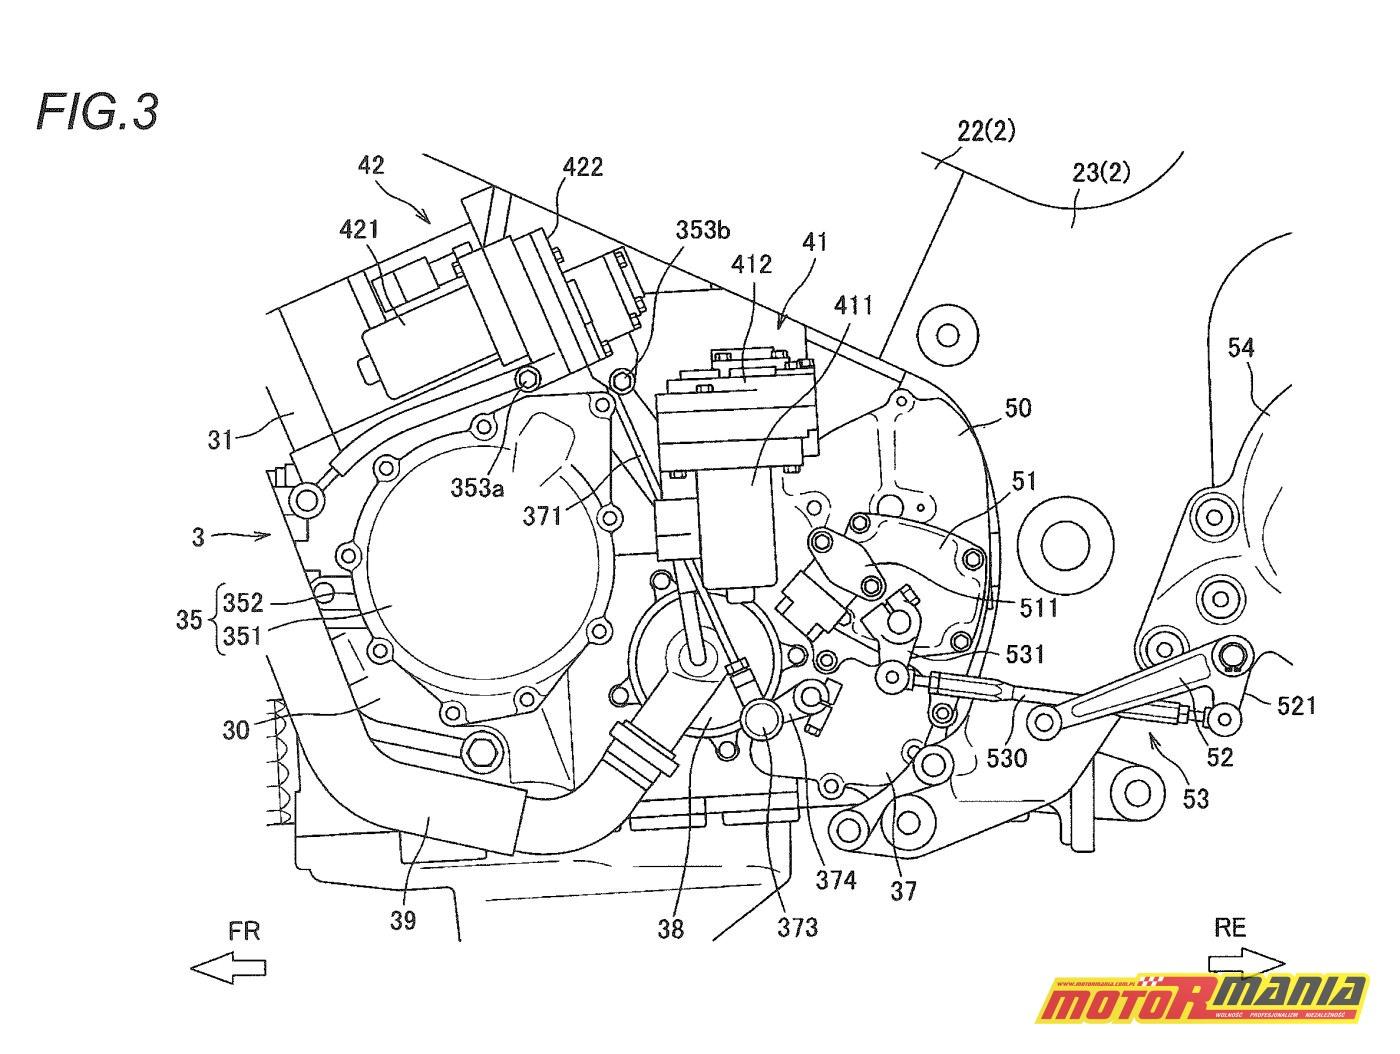 021518-Suzuki-Hayabusa-patent-US20180043969-3